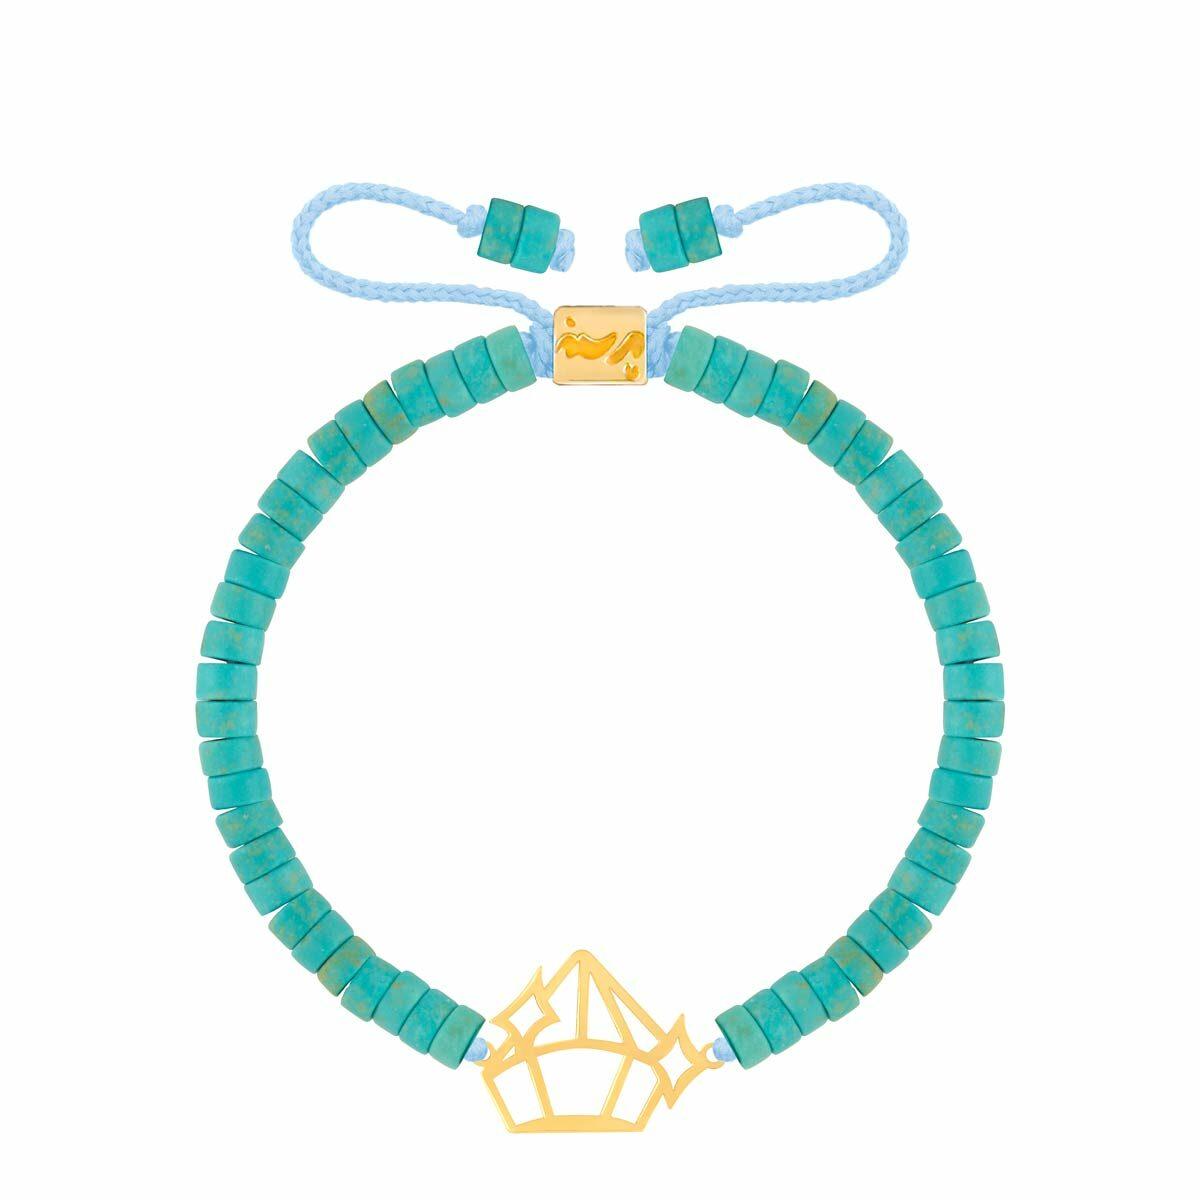 دستبند طلا سنگی الماس و فیروزه